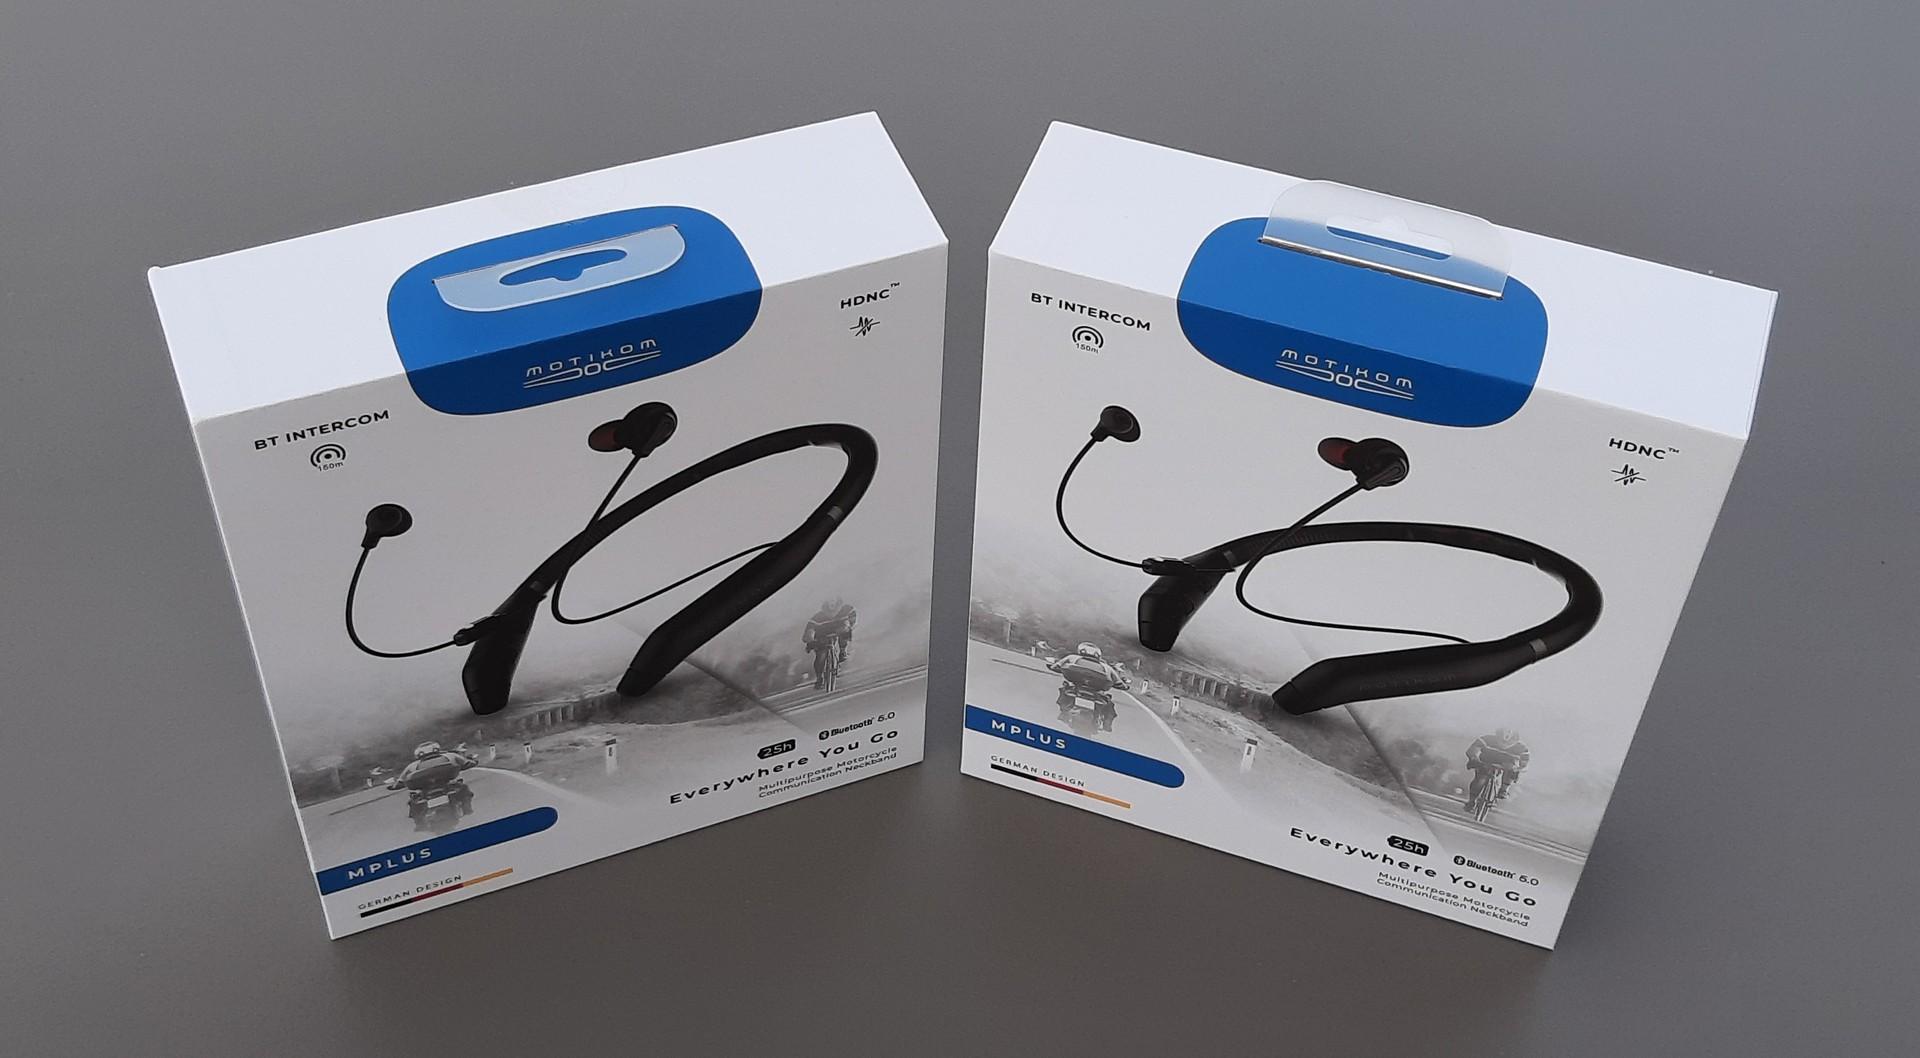 Motikom MPlus BT Intercom Headphones Review